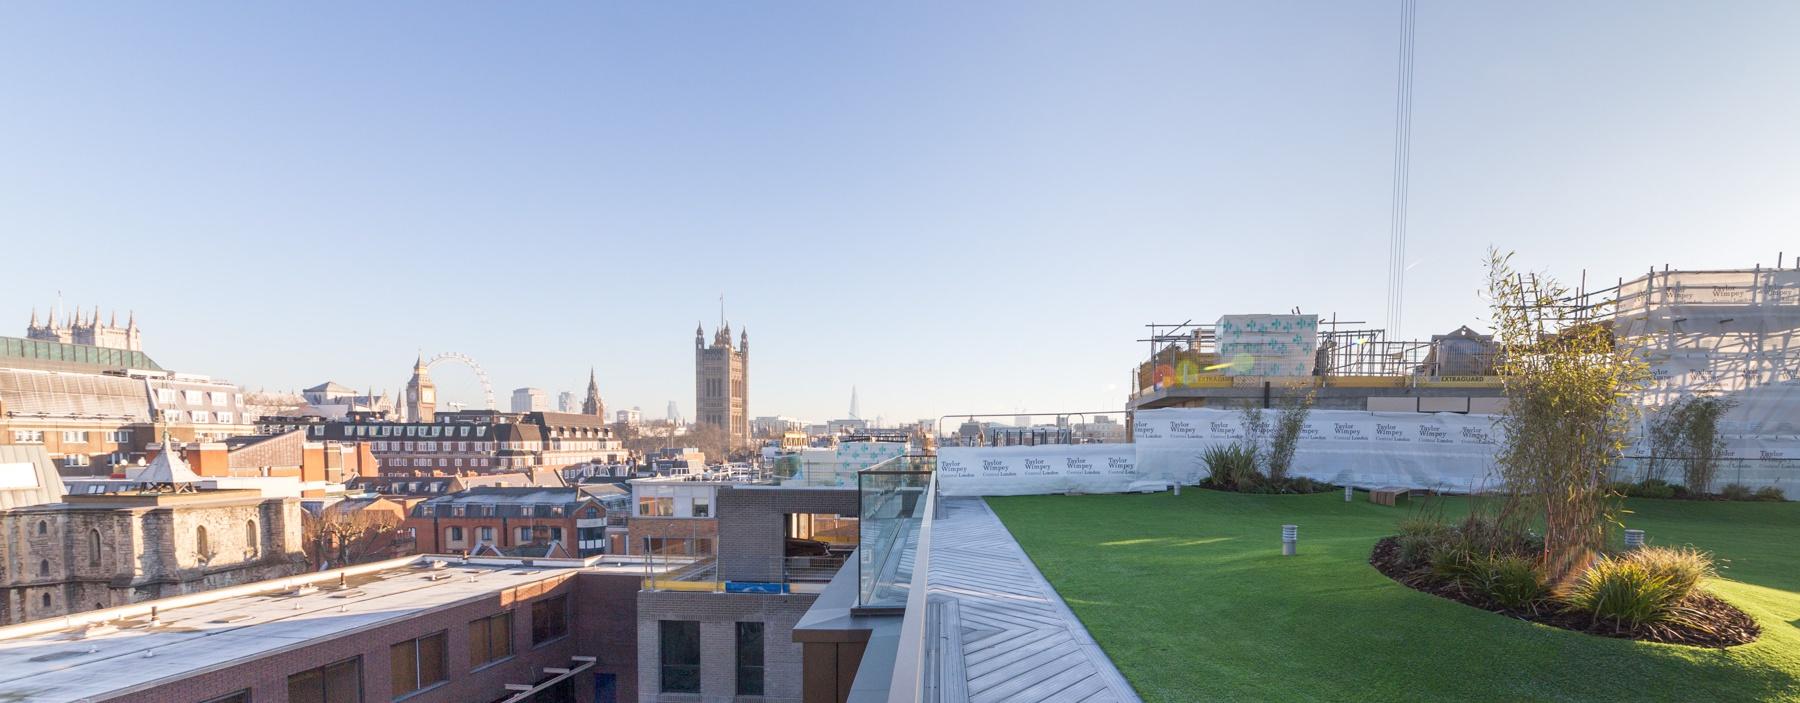 Westminster Quarter image